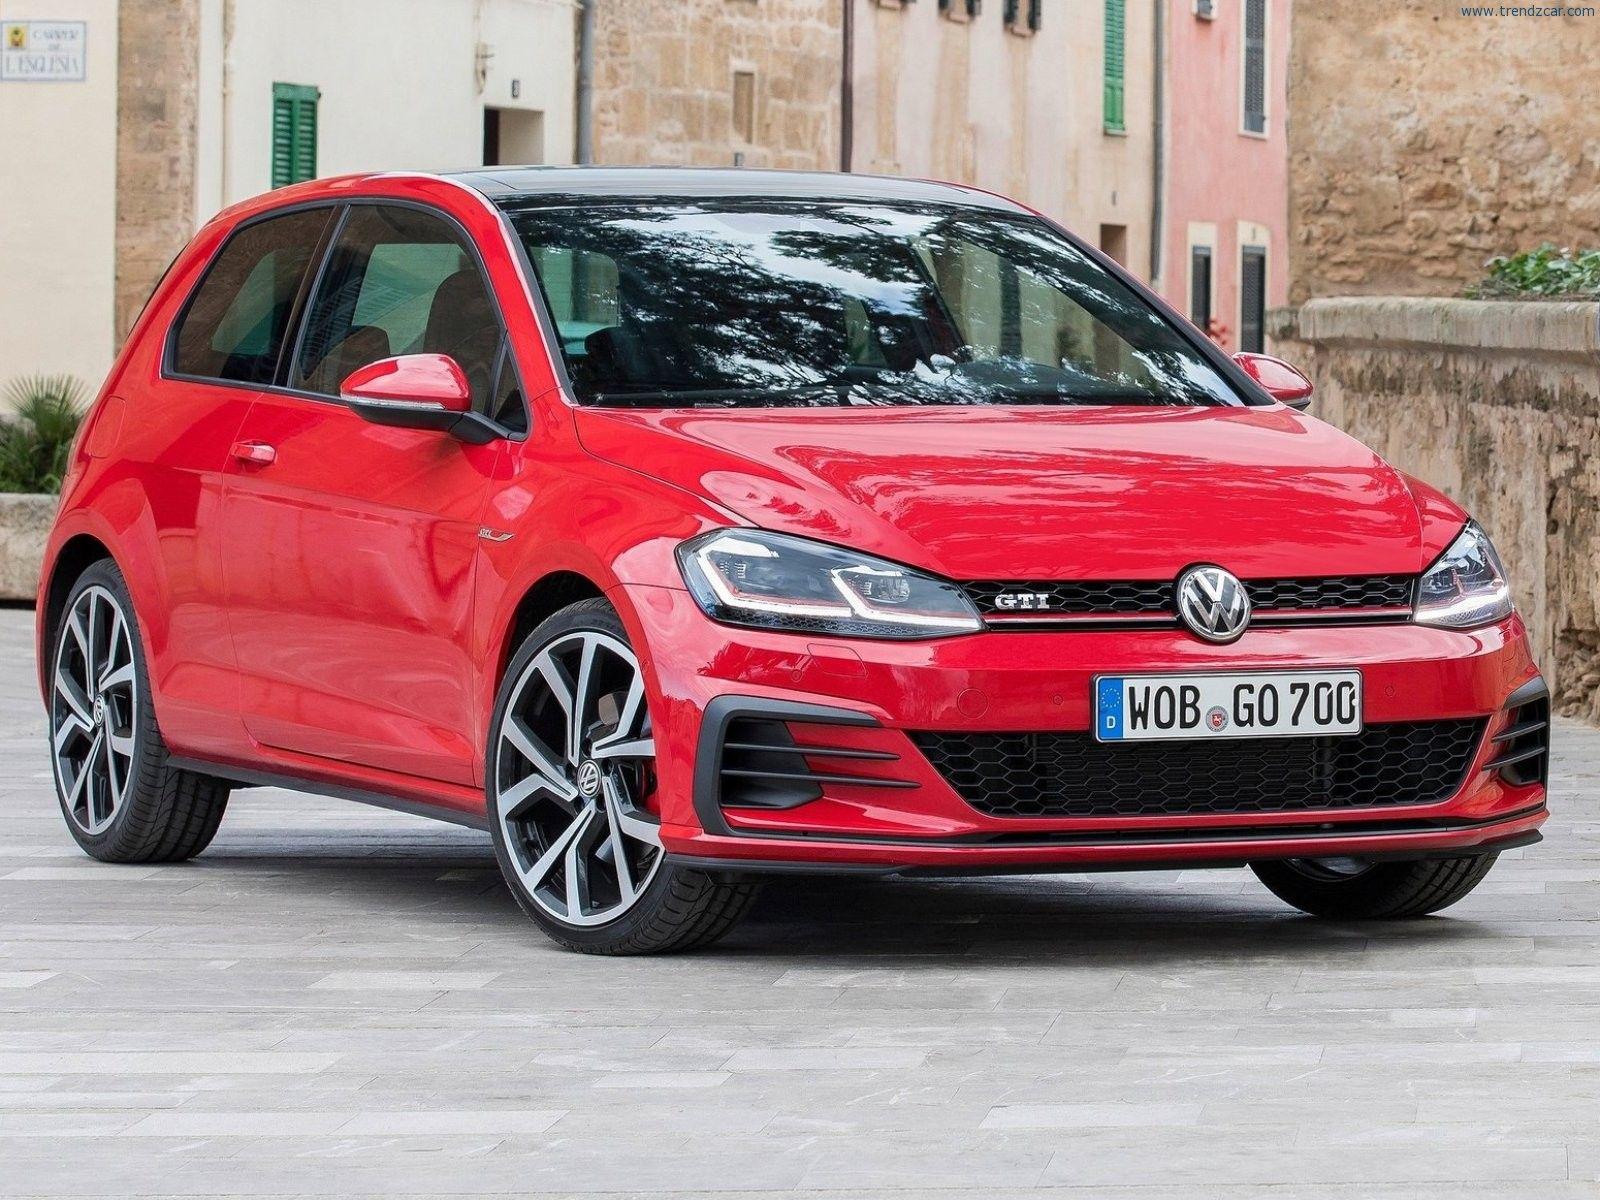 2017 Volkswagen Golf Gti Volkswagen Golf Gti Volkswagen Golf Gti